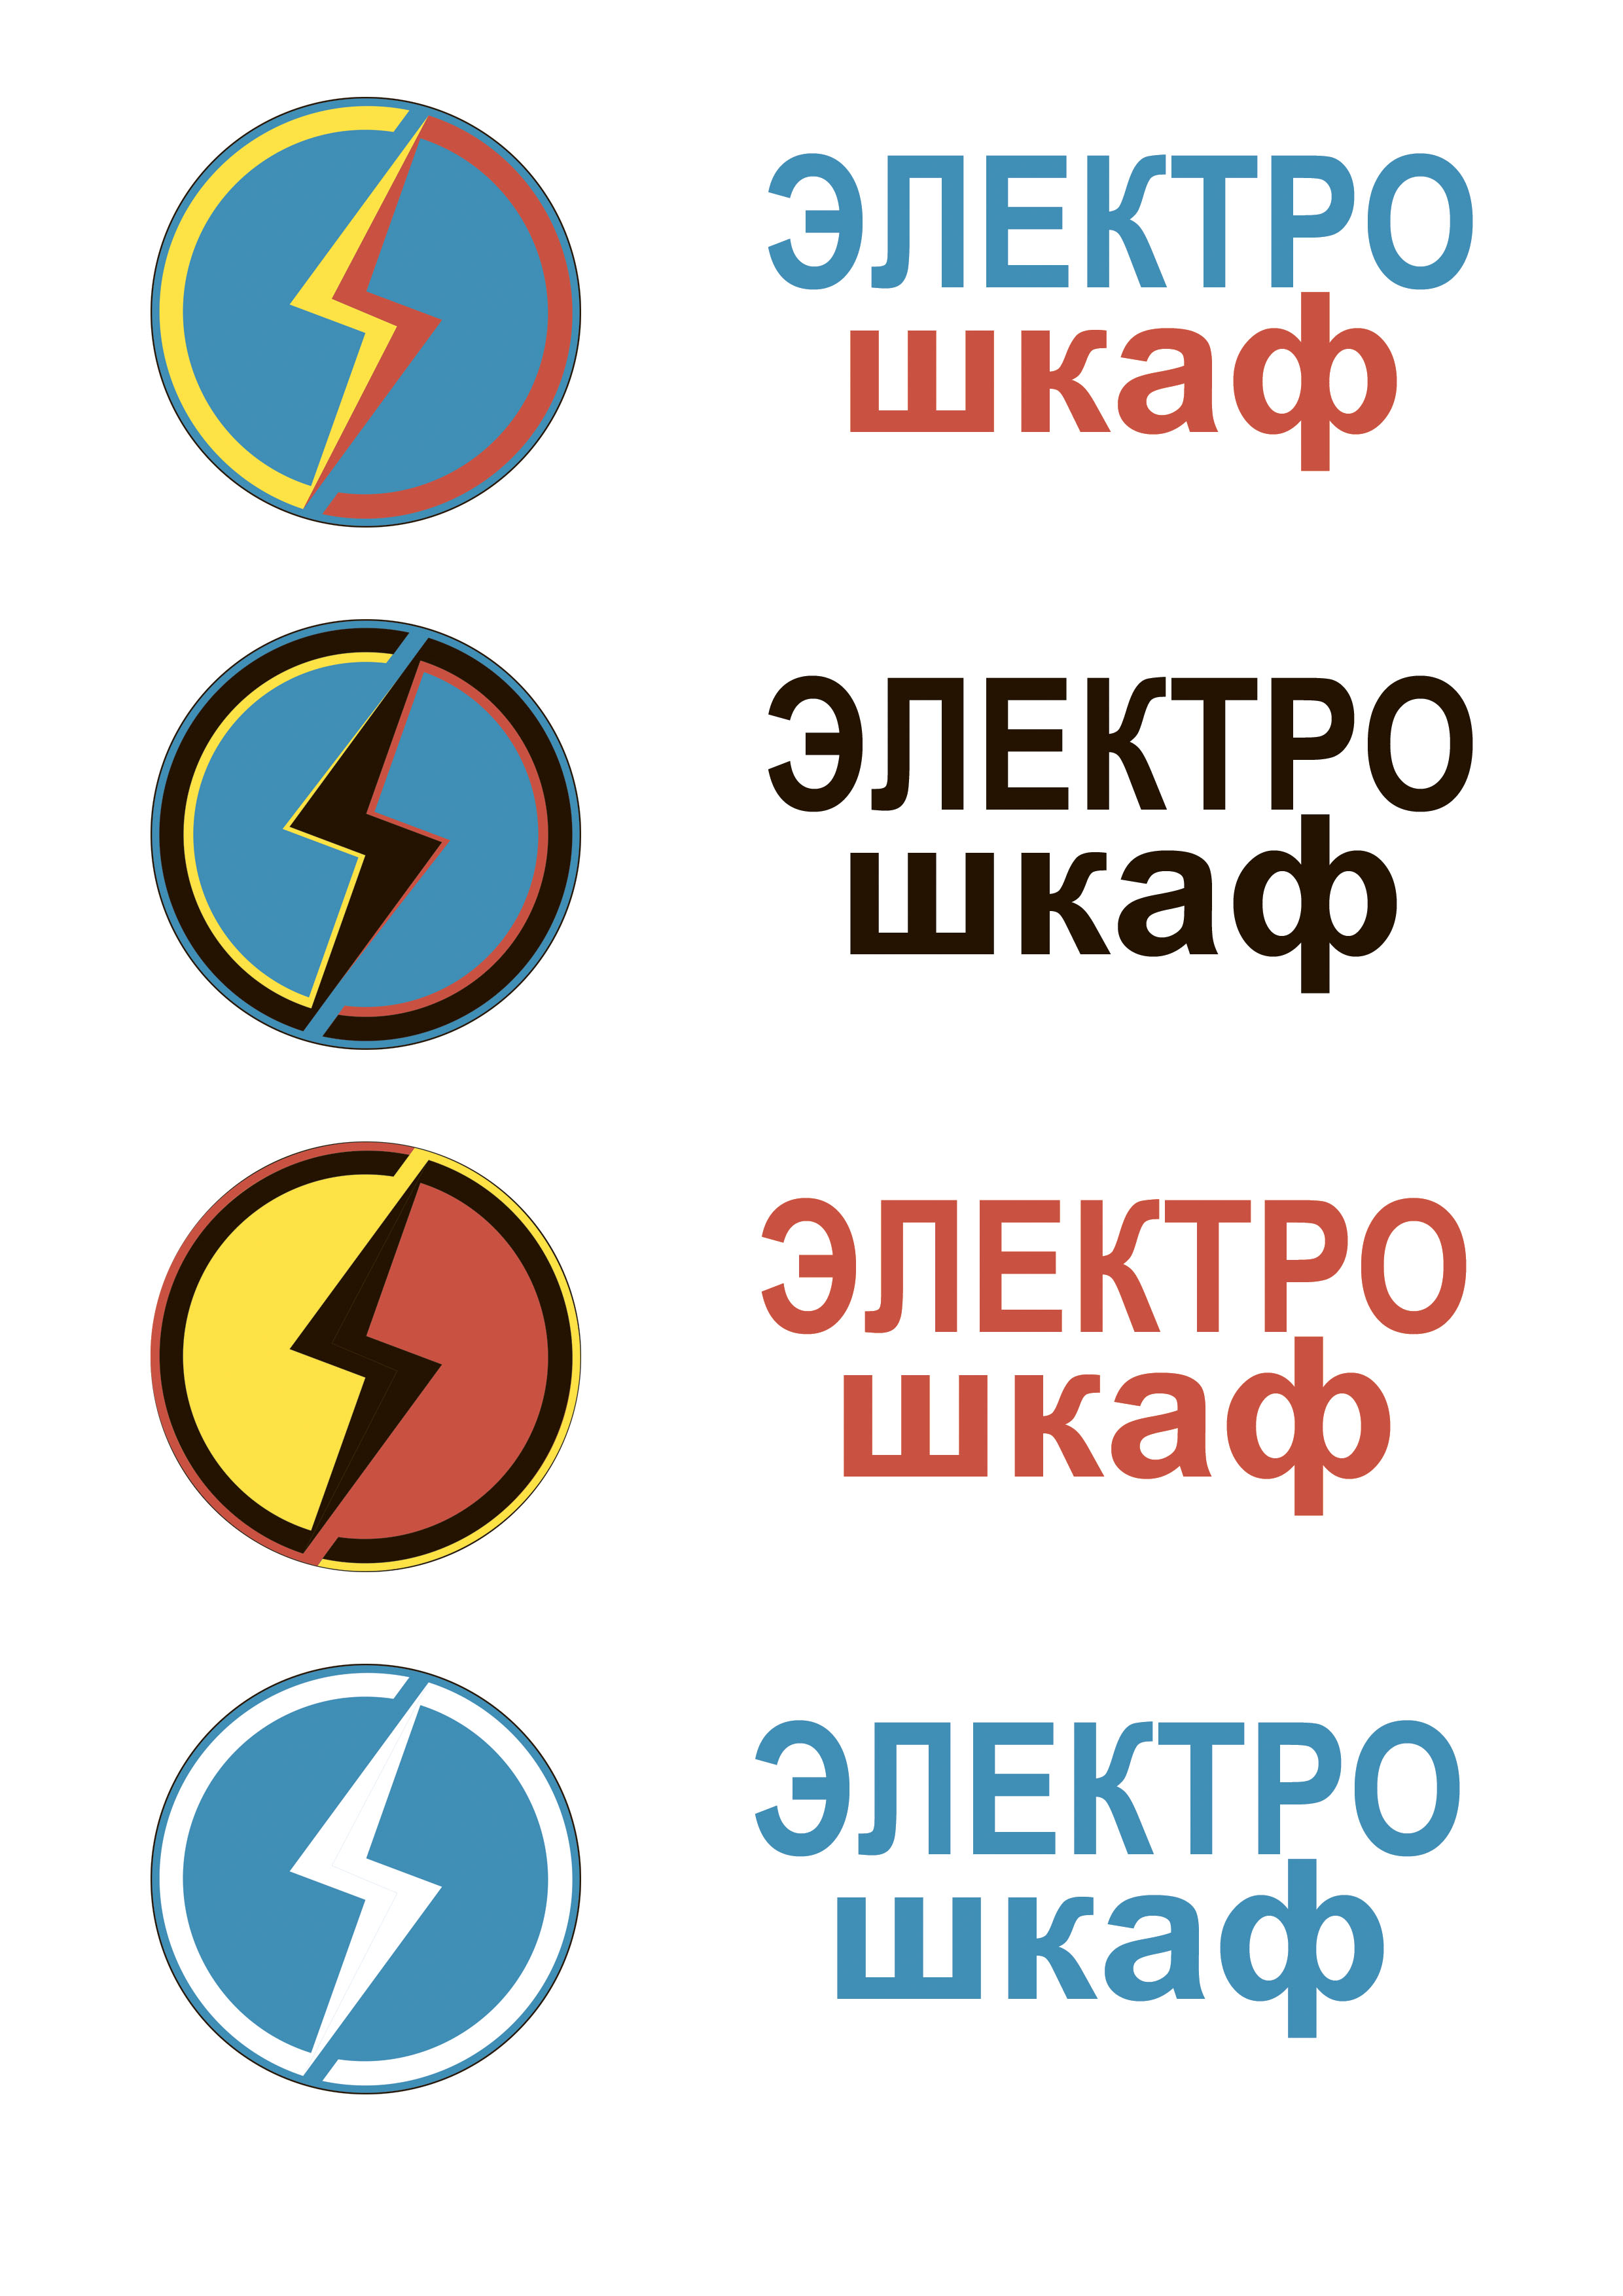 Разработать логотип для завода по производству электрощитов фото f_3045b71da1f53d88.jpg